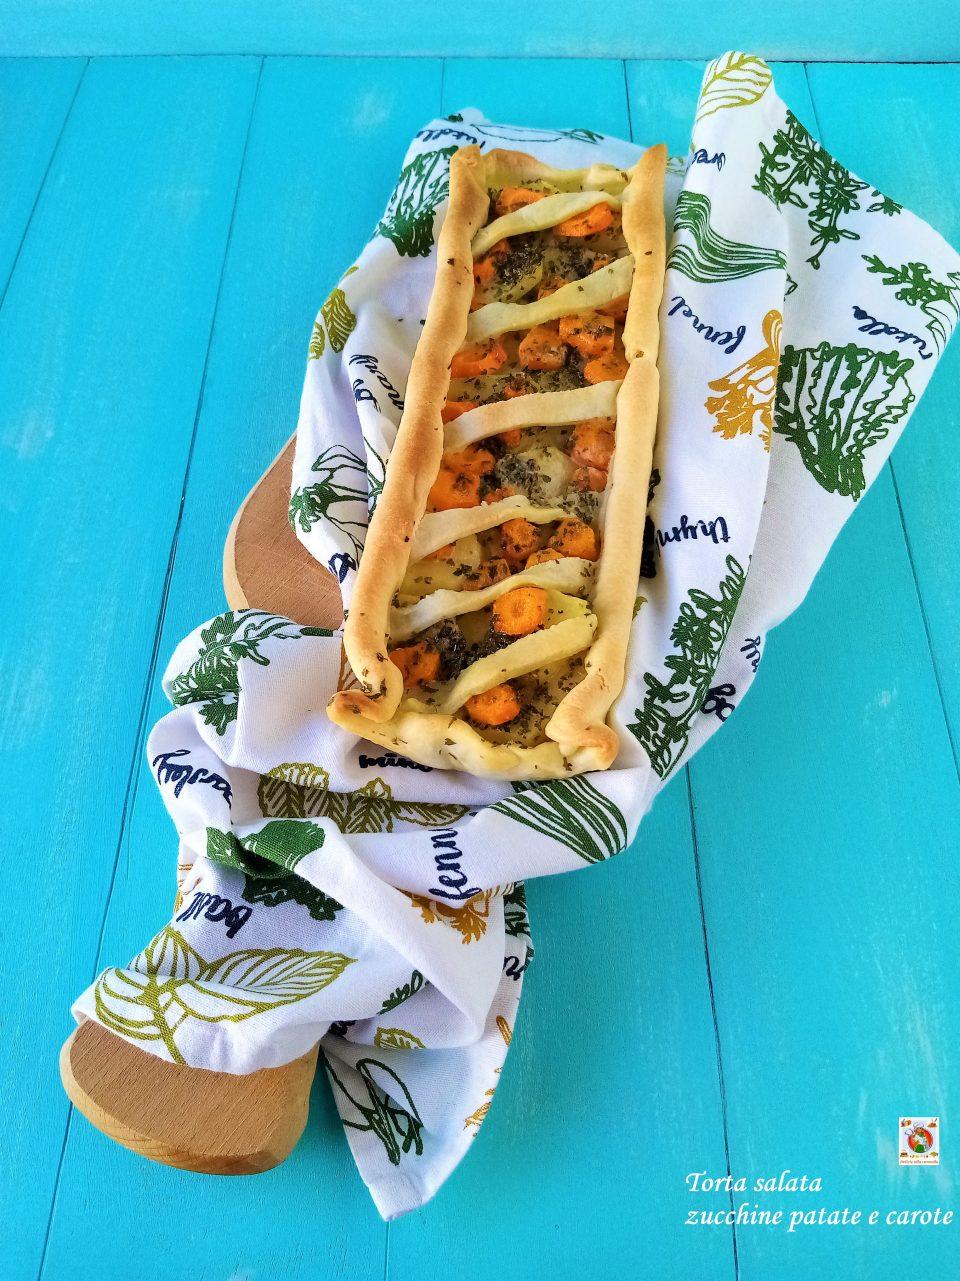 torta zucchine patata e carore v3 ok